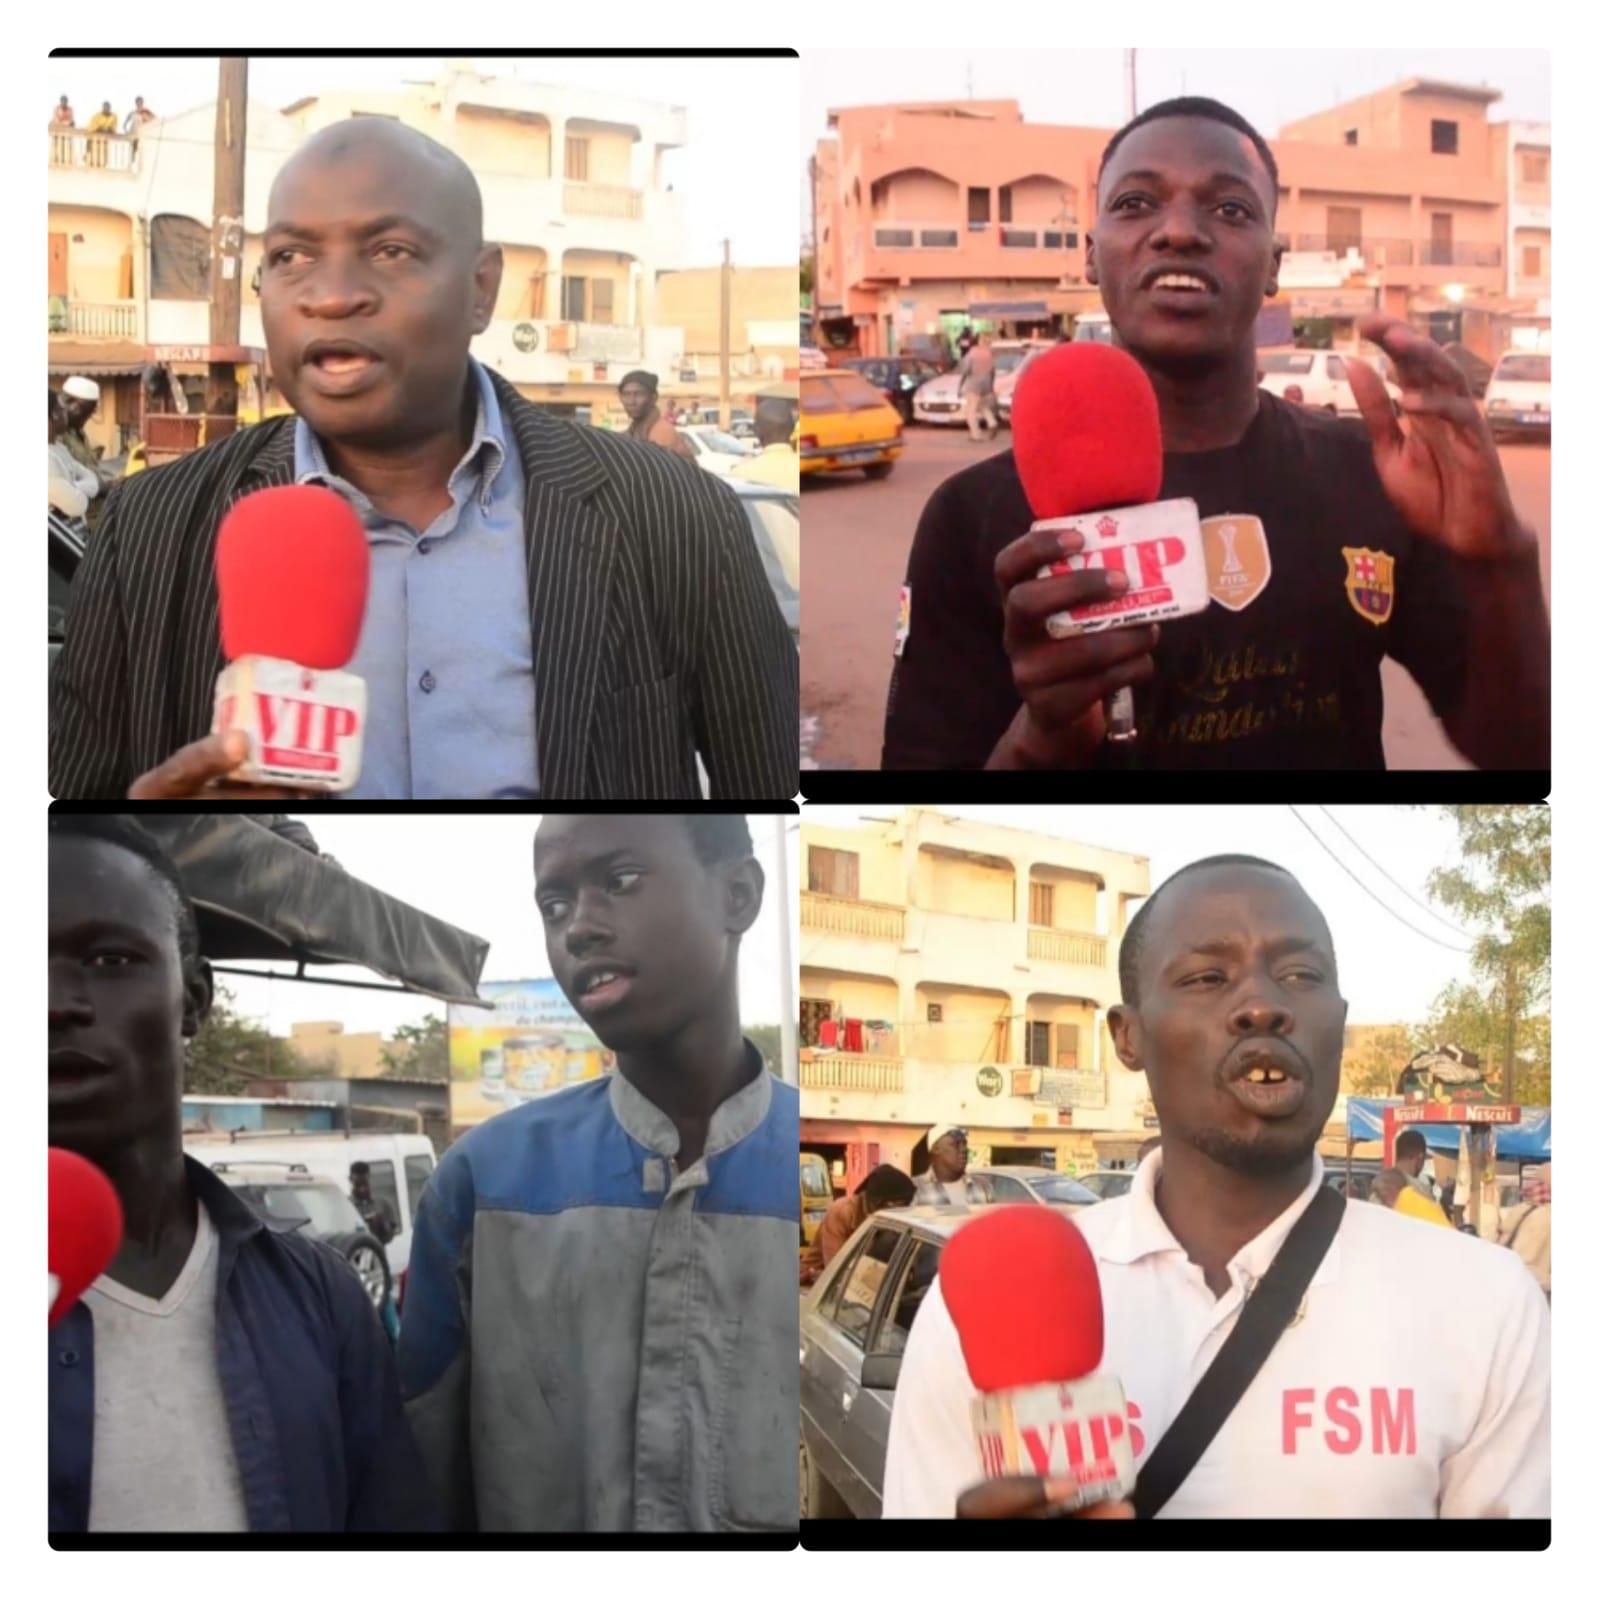 VIDÉO: Reportage du jour sur la situation des Sénégalais qui devraient rentrer chez eux avant 20H.